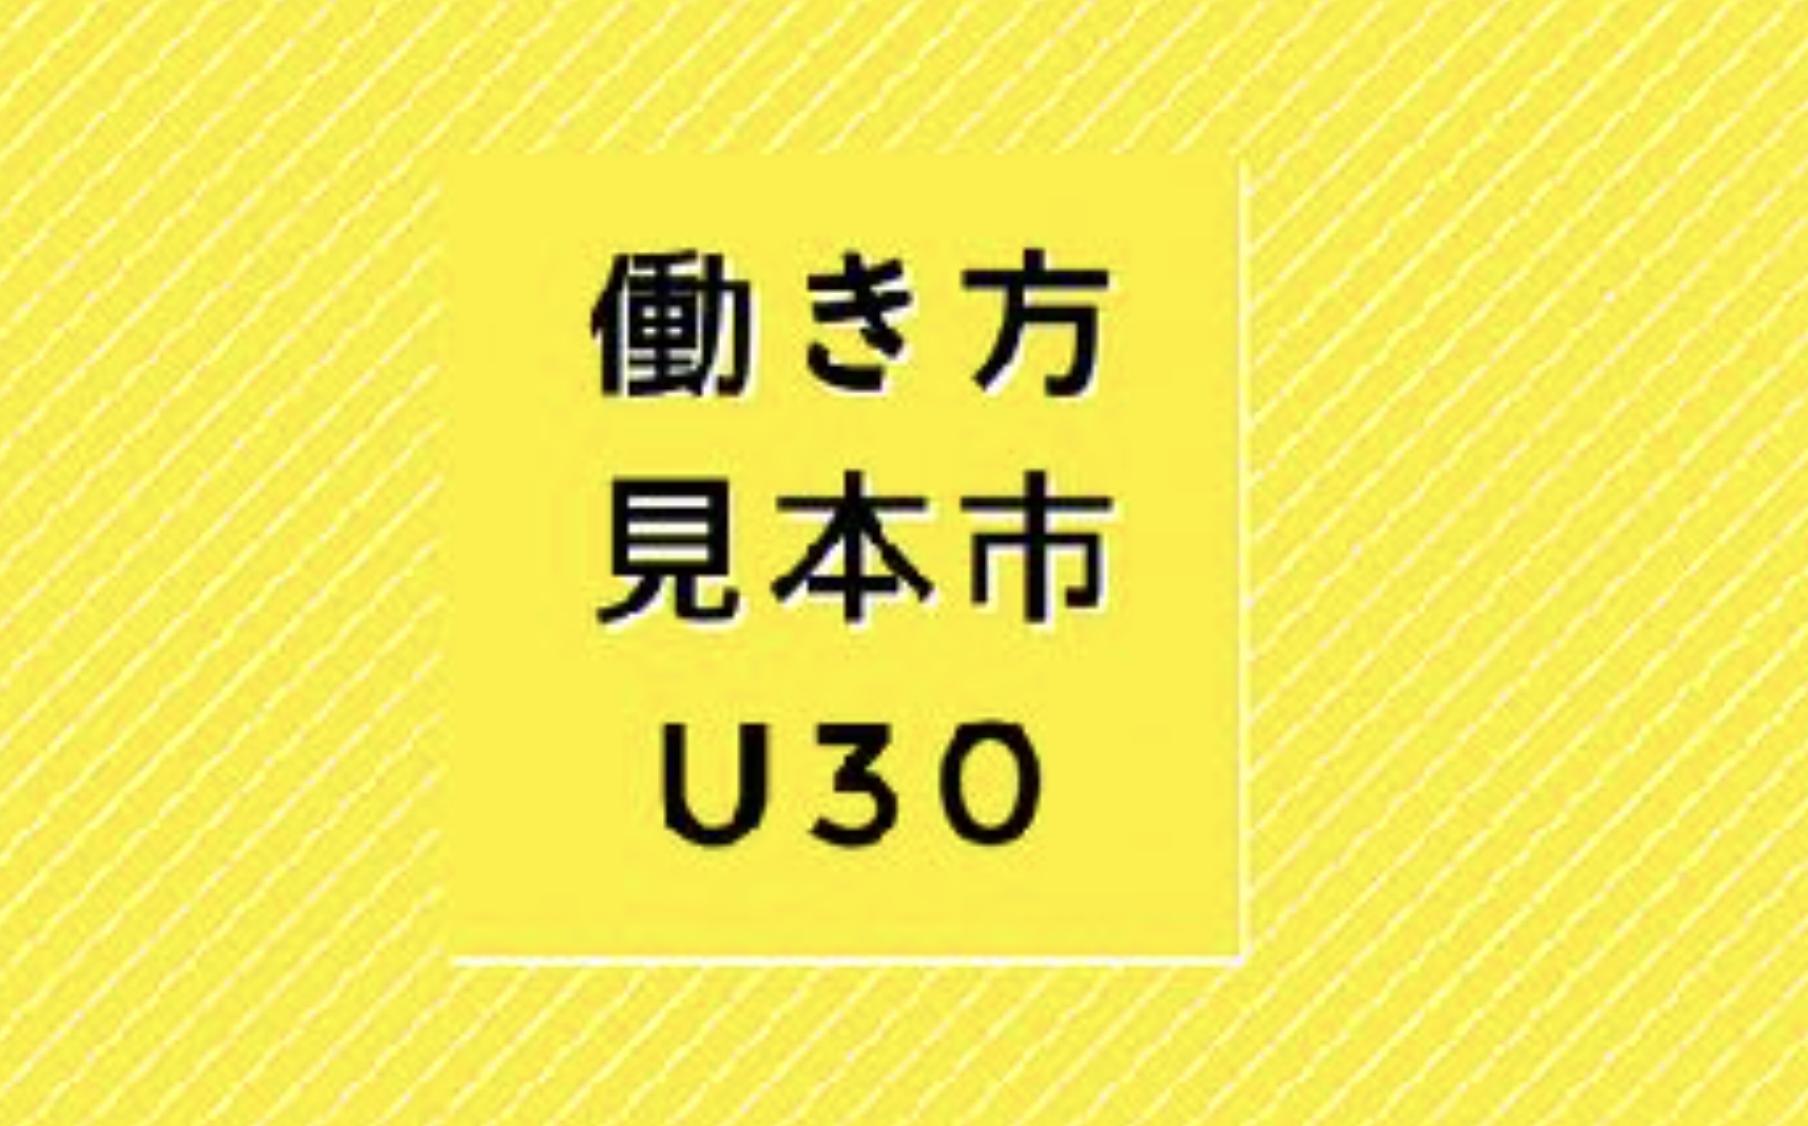 『働き方見本市 U30』に「VAISA」を出店!